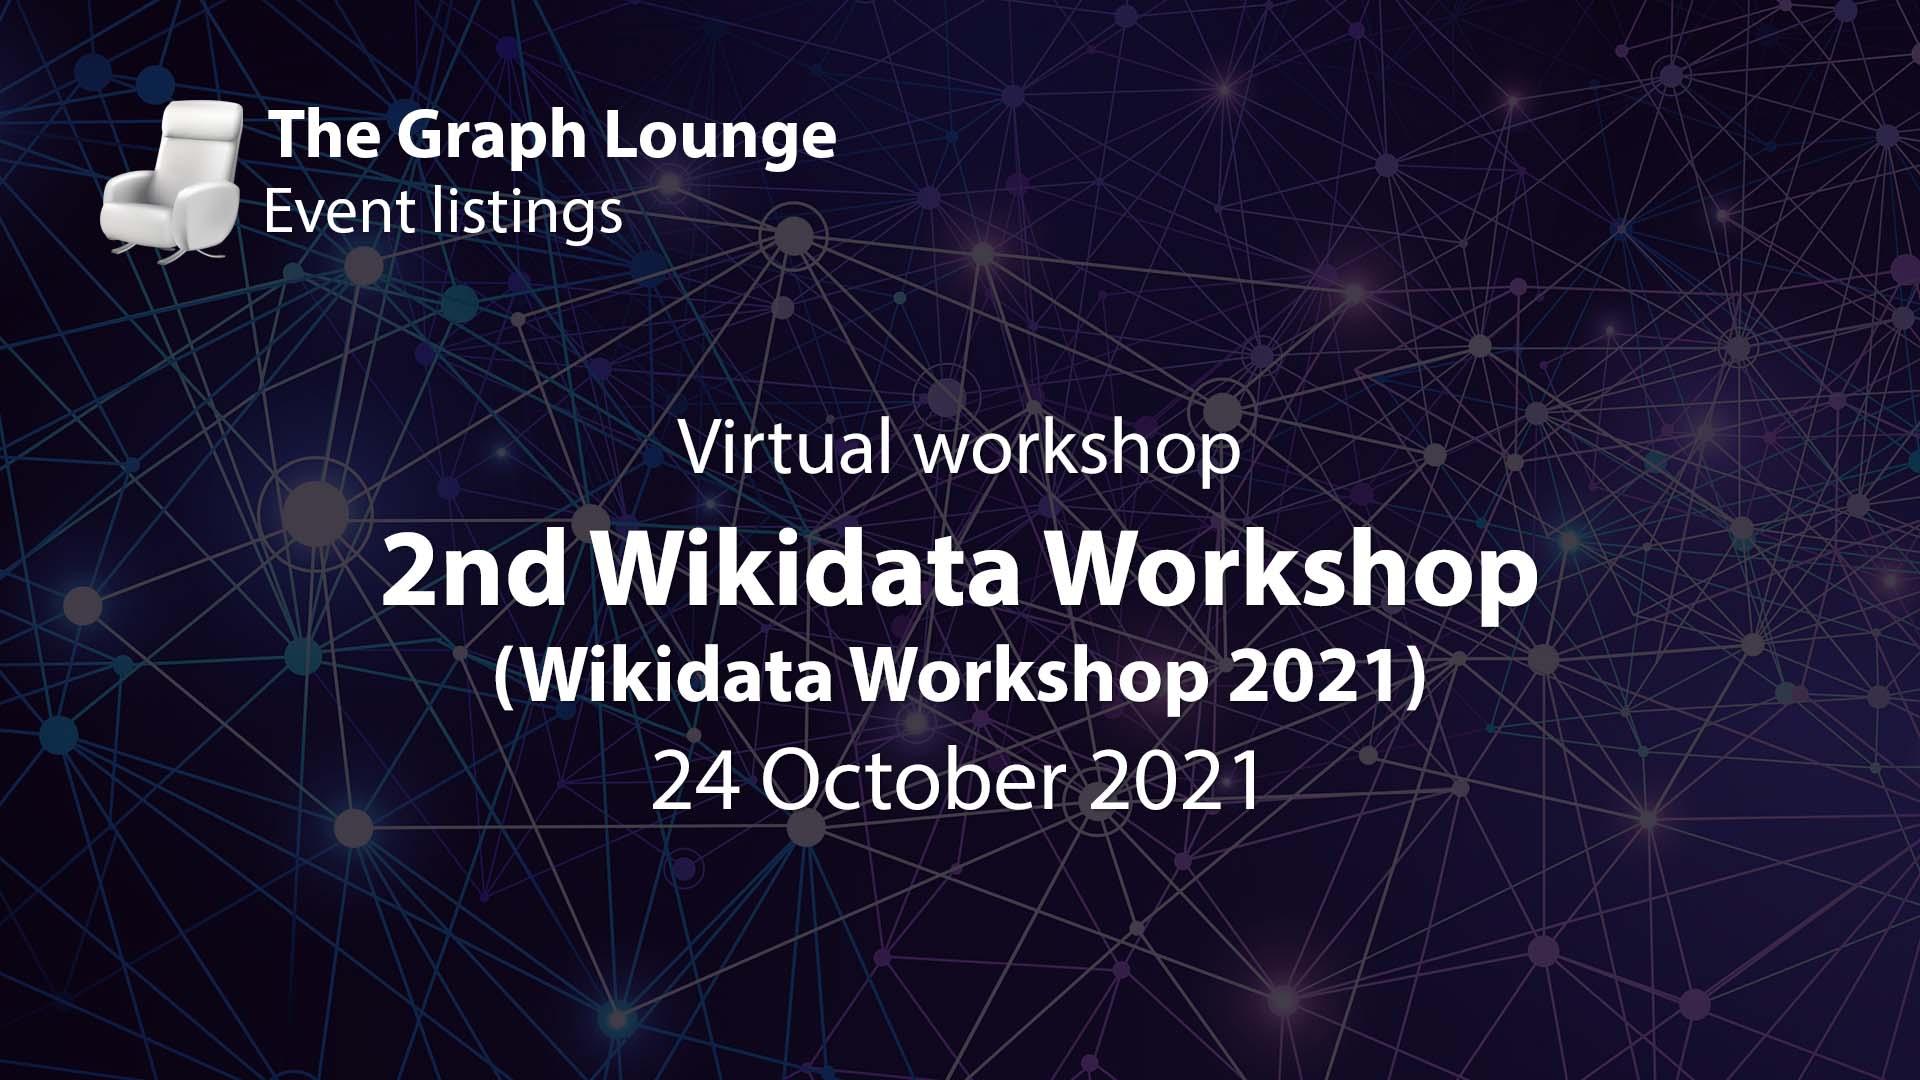 2nd Wikidata Workshop (Wikidata Workshop 2021)